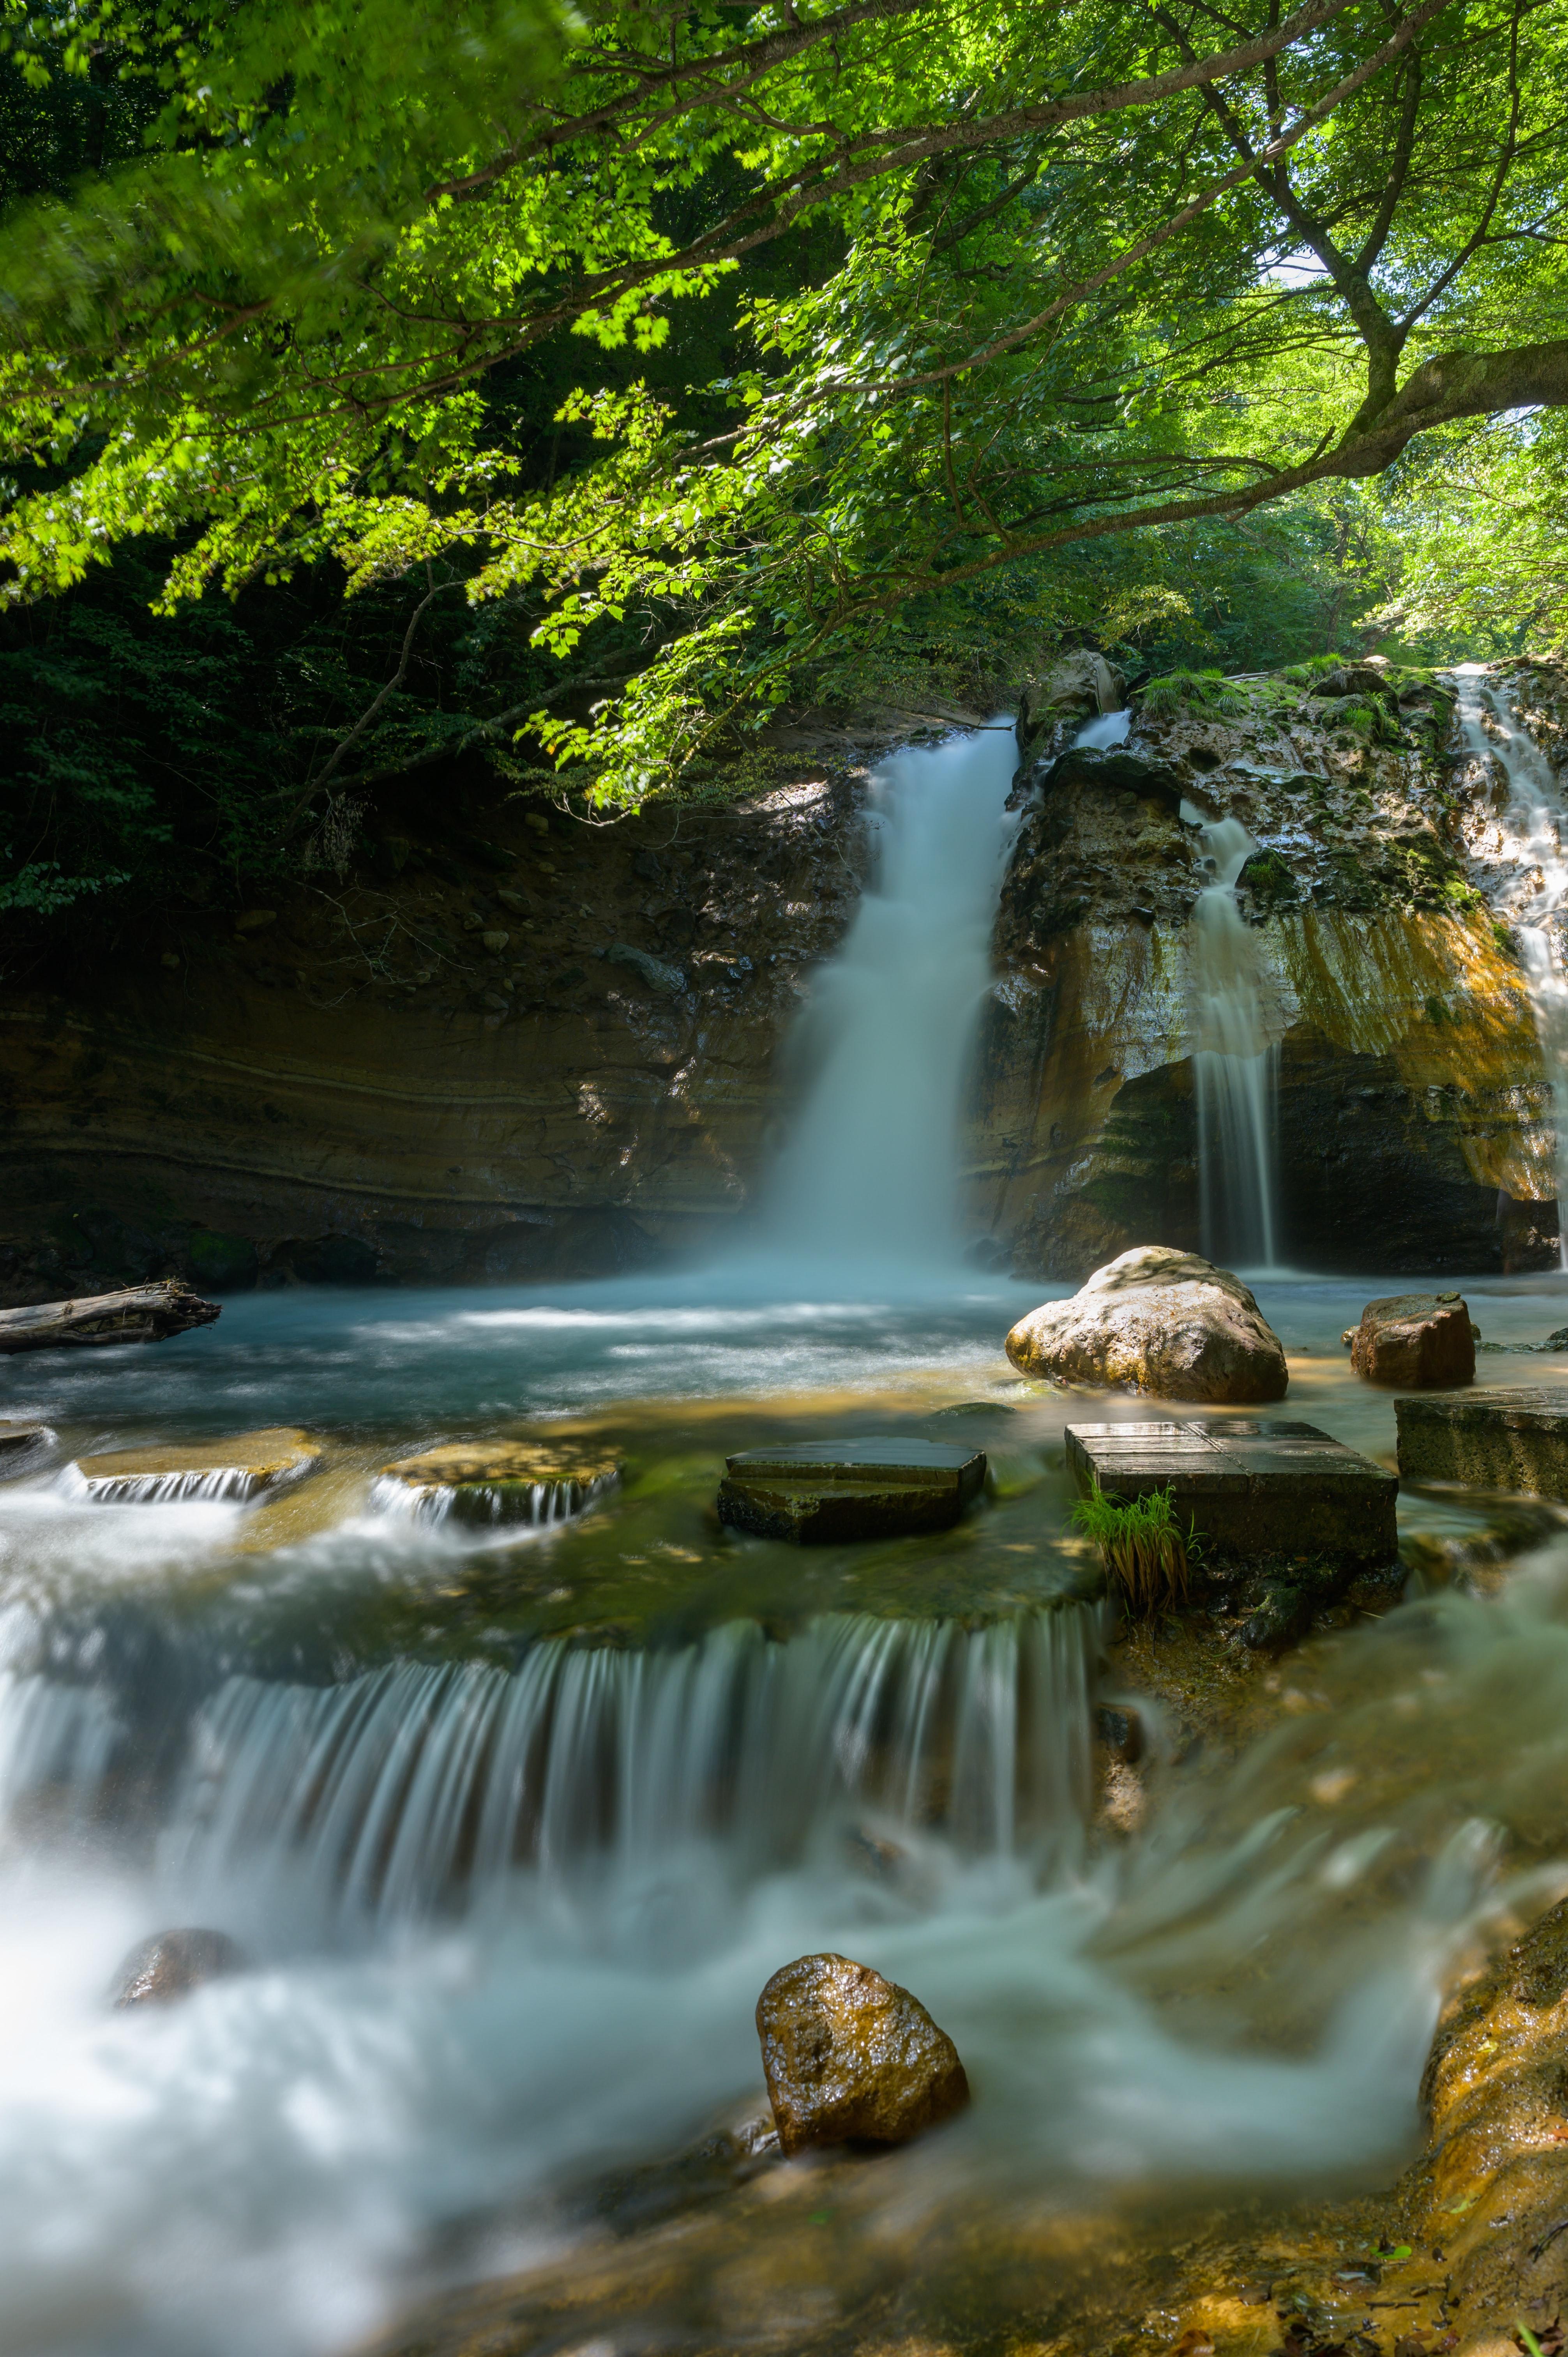 152937 скачать обои Камни, Природа, Деревья, Водопад, Ветка - заставки и картинки бесплатно